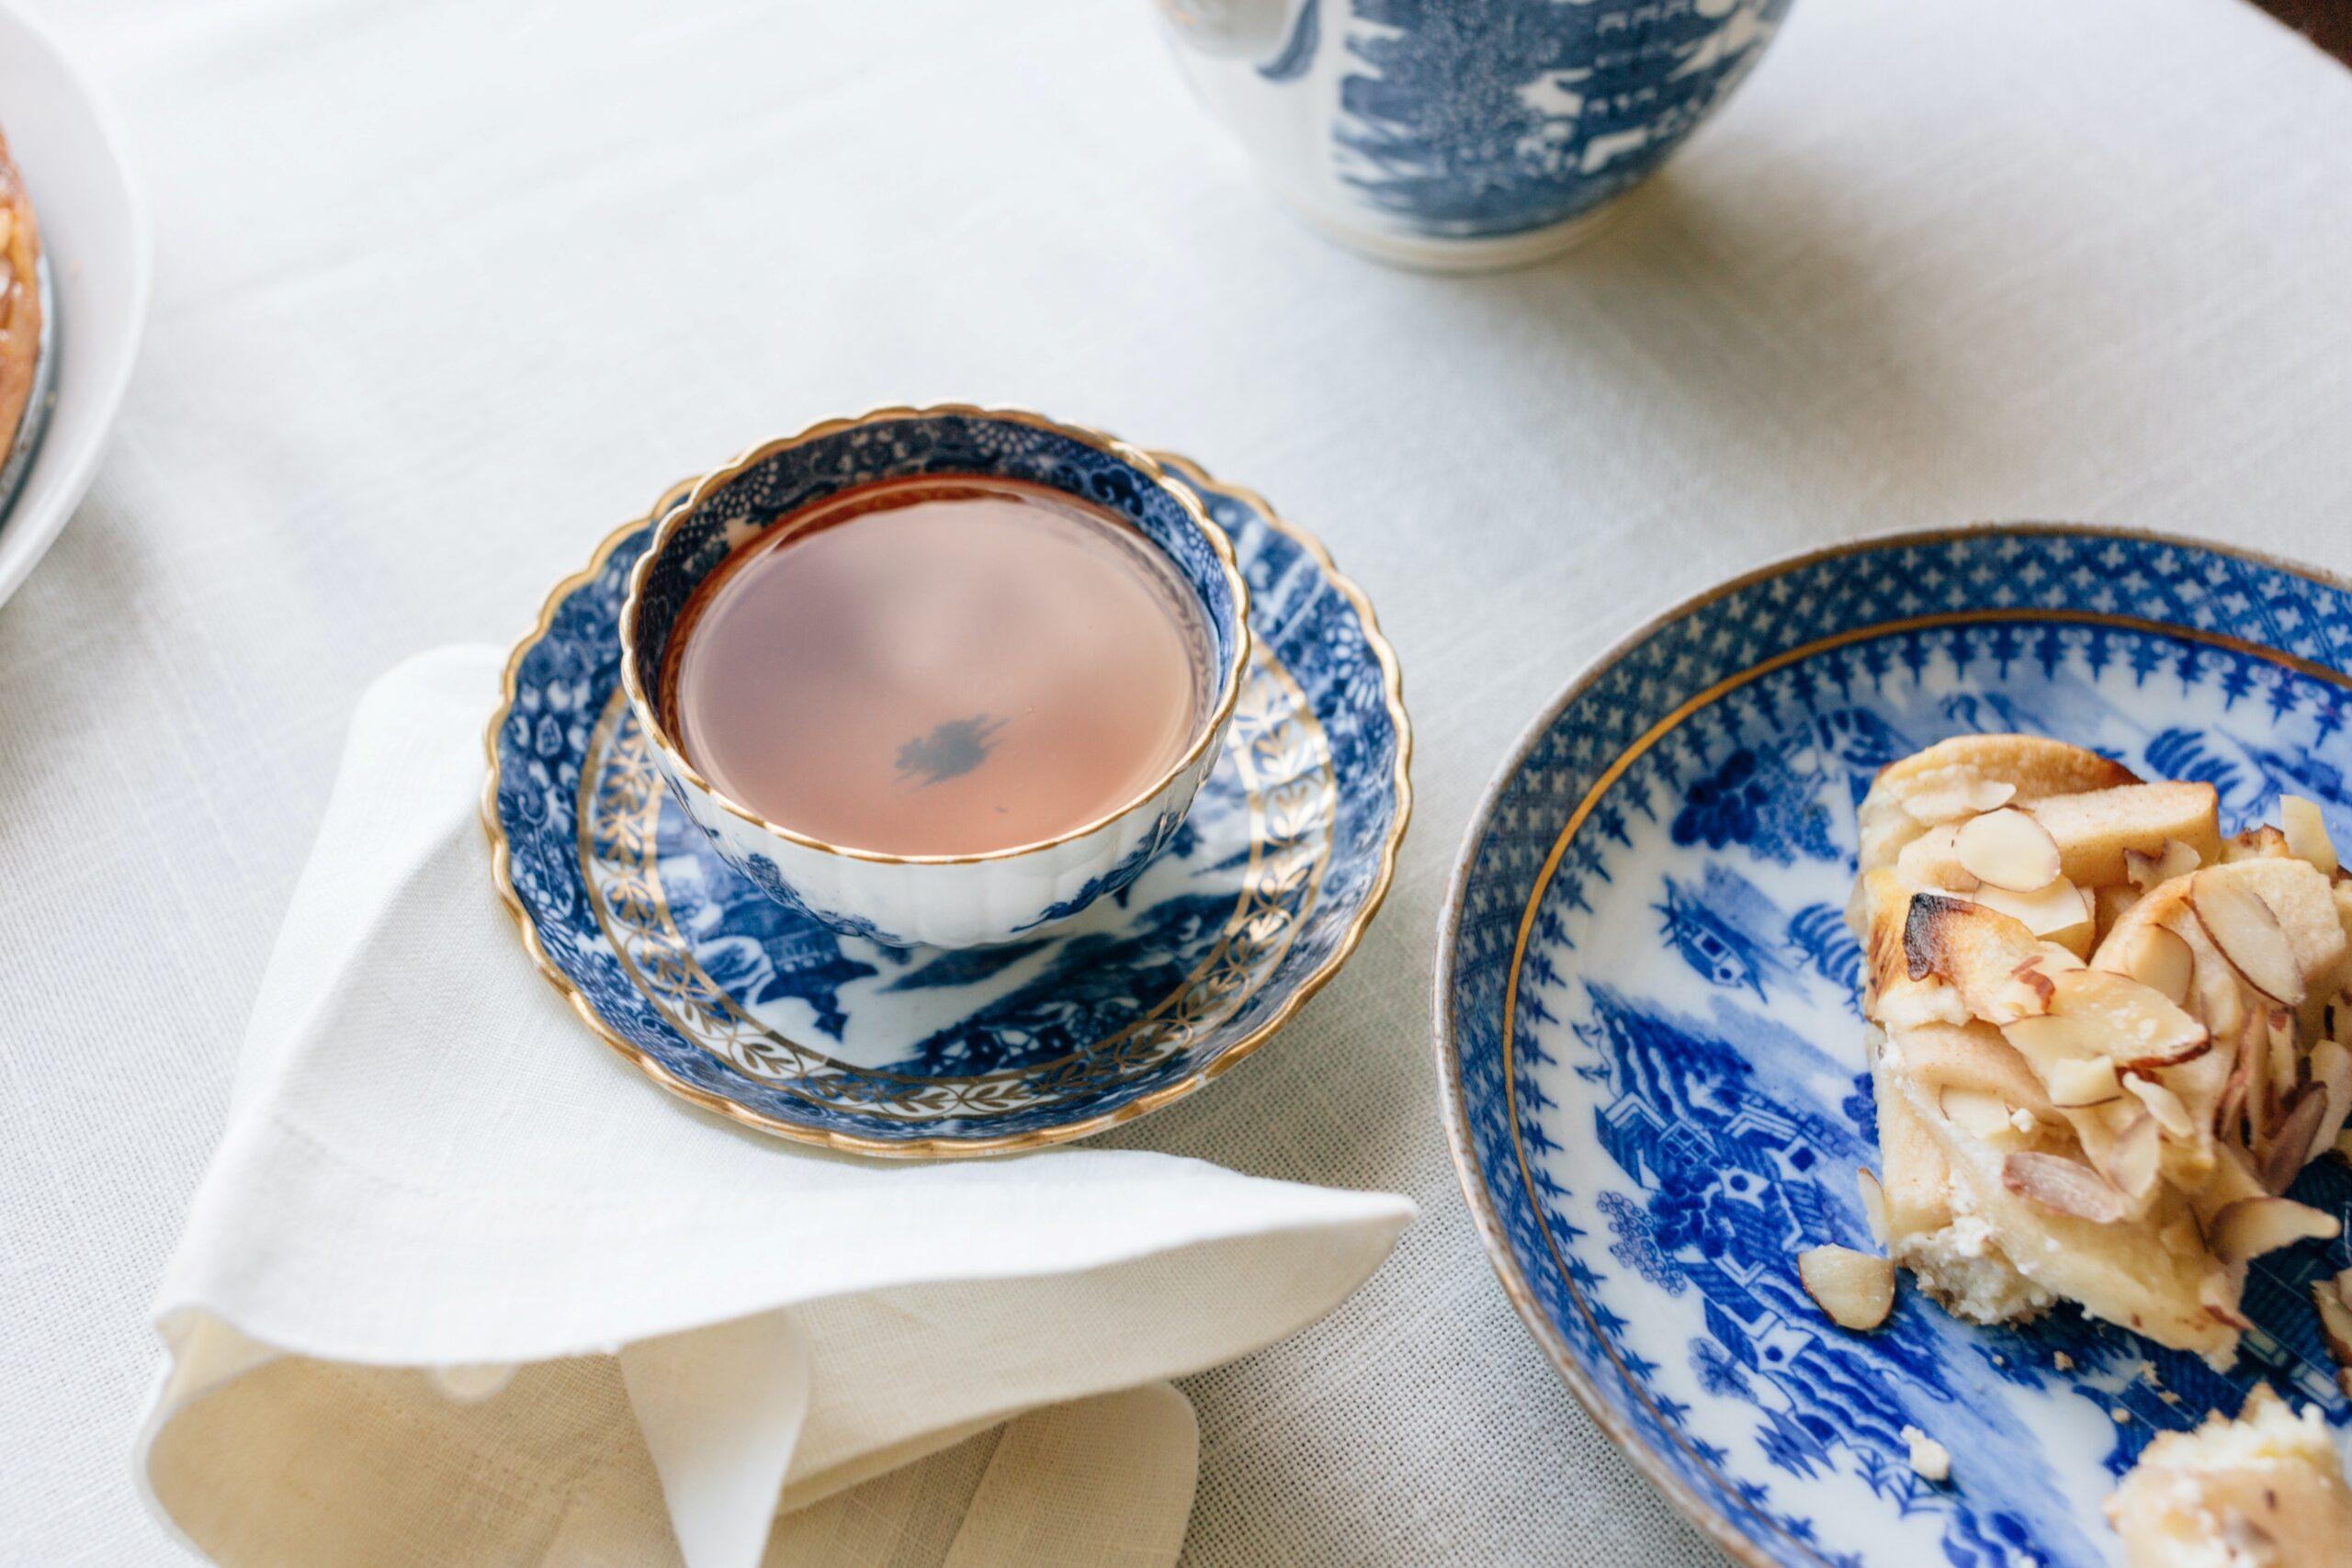 A porcelain tea cup with a black tea on a table